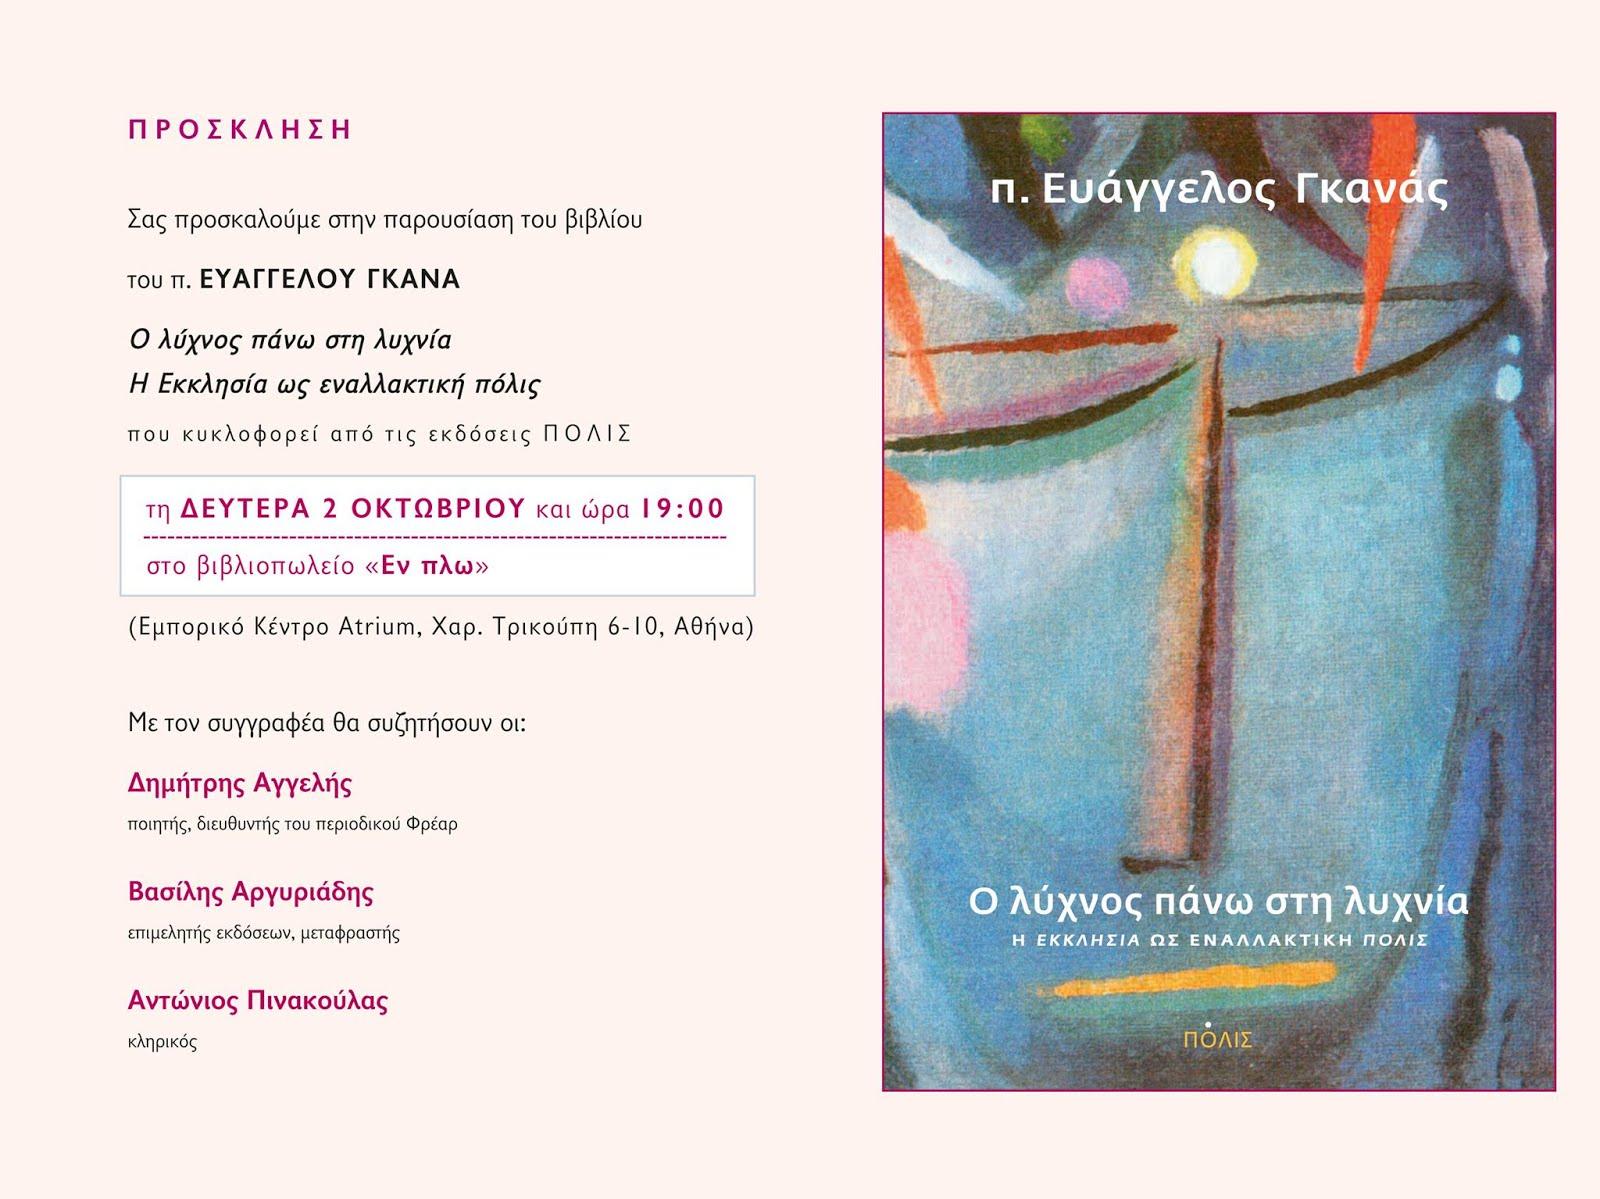 Παρουσίαση του βιβλίου «Ο λύχνος πάνω στη λυχνία» του π. Ευ. Γκανά τη Δευτέρα 2/10/2017 στην Αθήνα